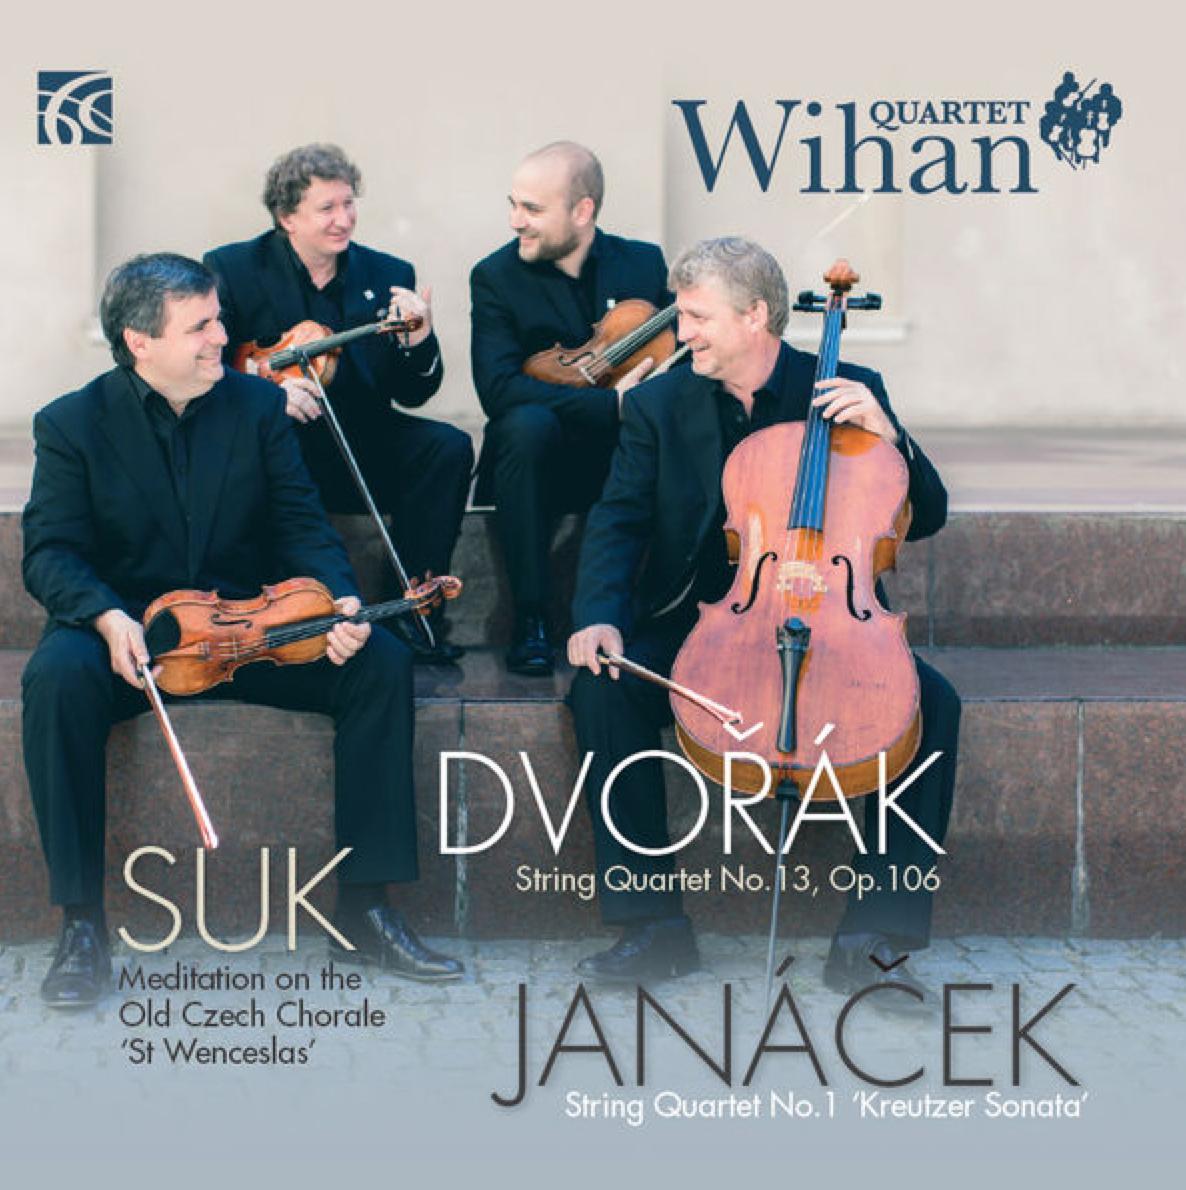 Wihan String Quartet Janacek Dvorak Suk